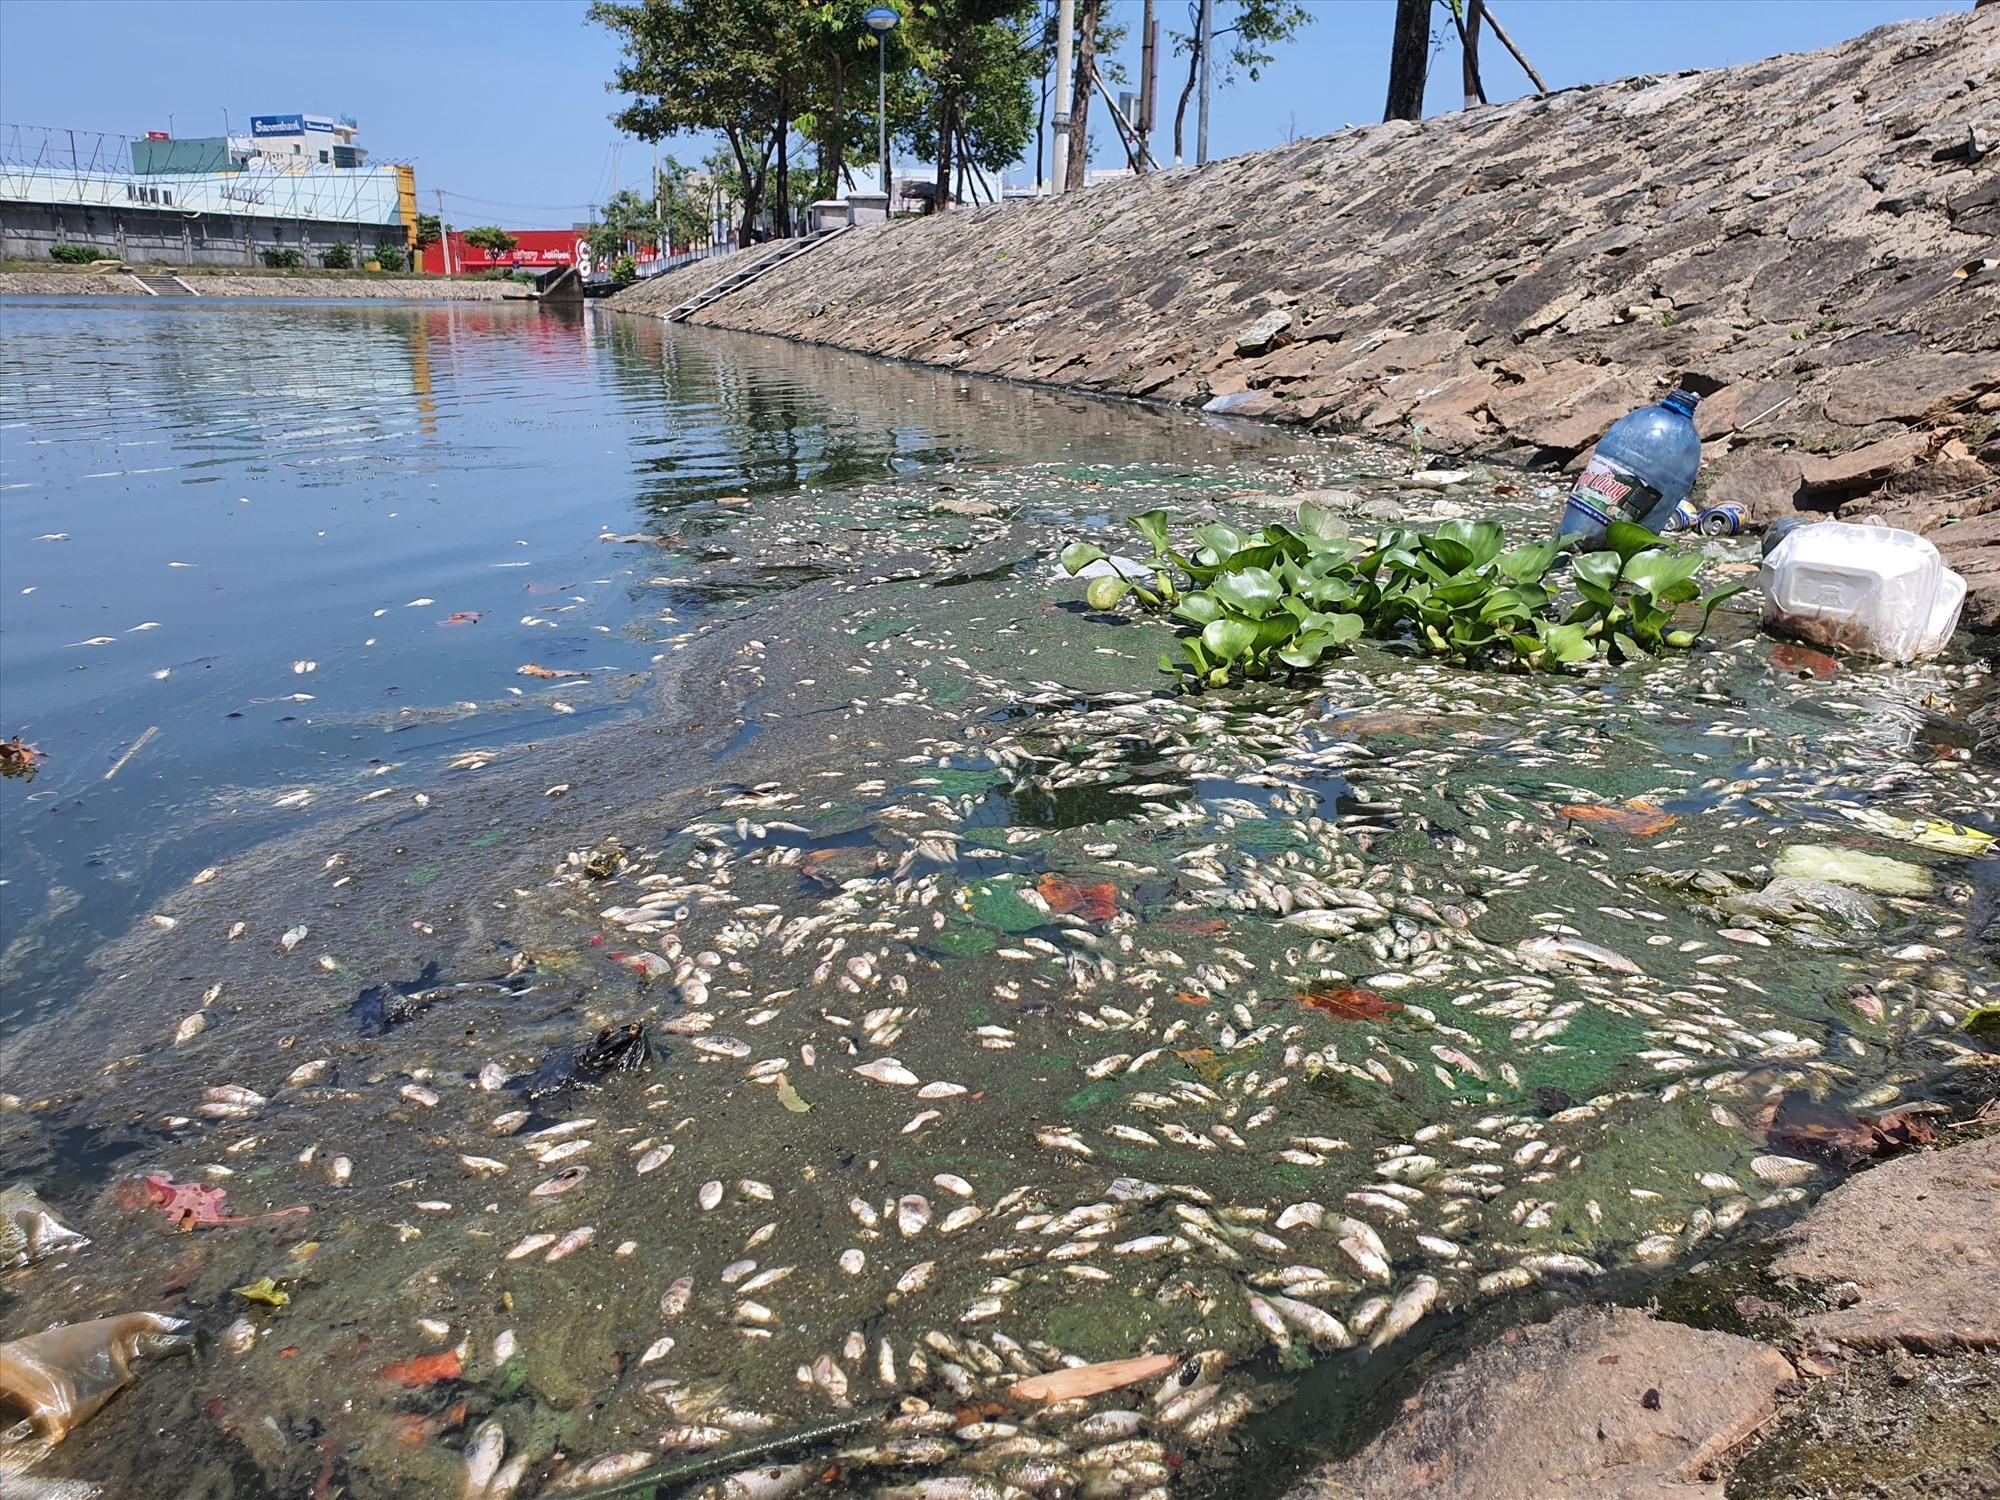 Thời tiết nắng nóng, cá chết phân hủy nhanh nên bốc mùi hôi thối. Ảnh: HOÀI AN